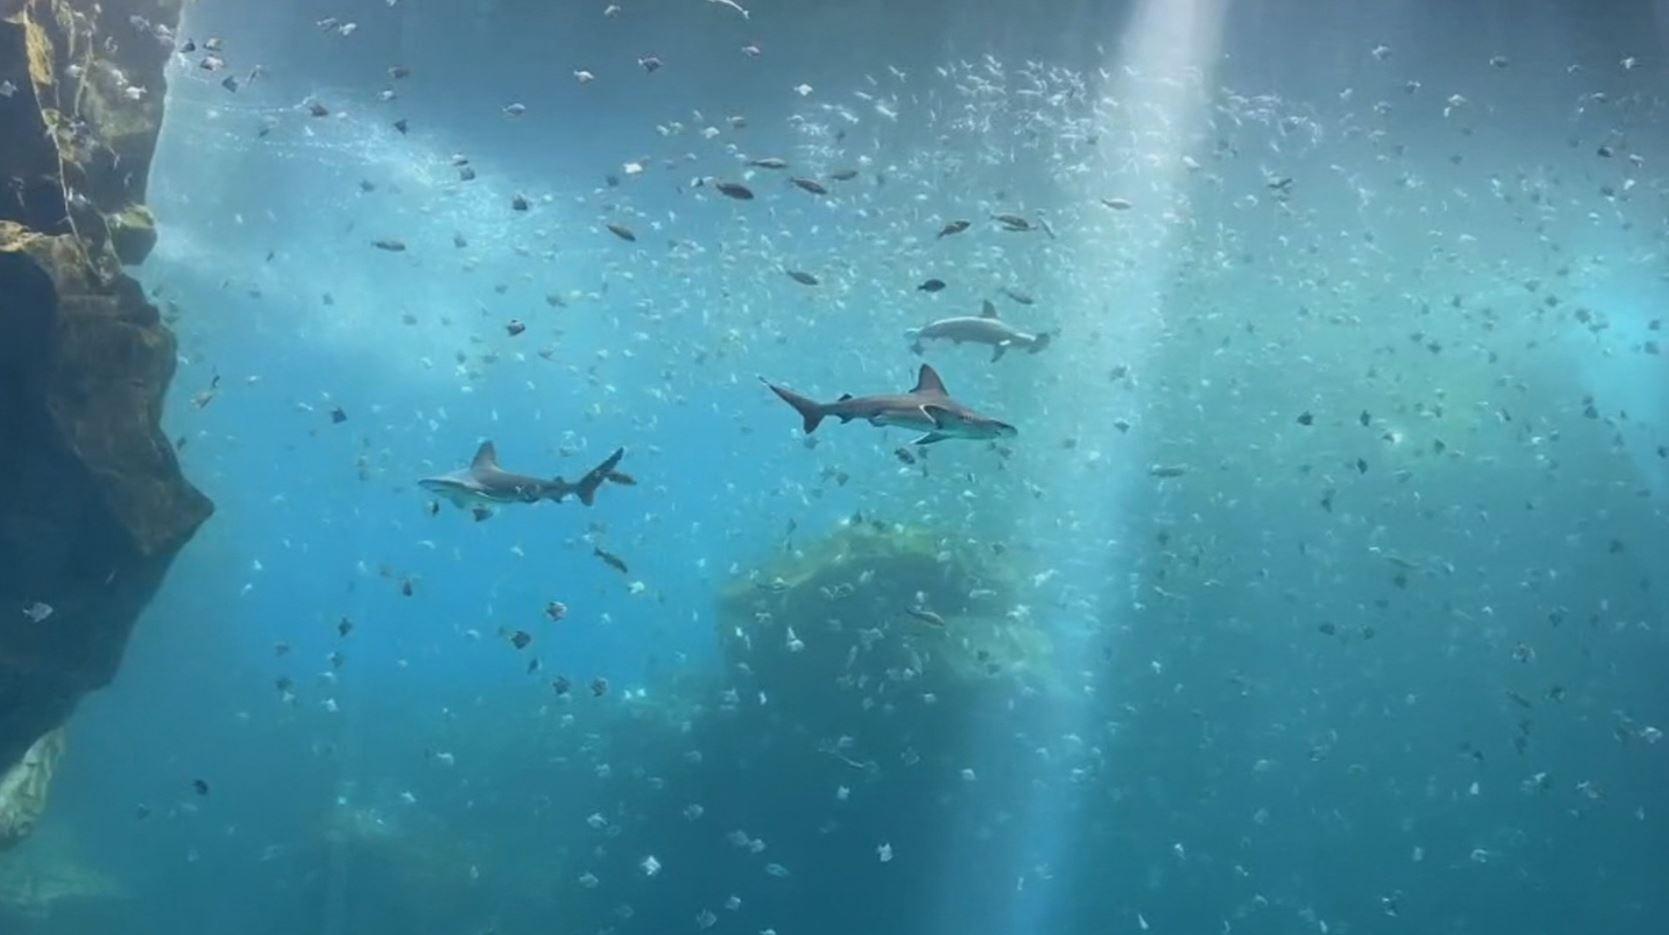 「水母打結、鯊魚撞玻璃」 Xpark曝慘況!網怒:動物煉獄